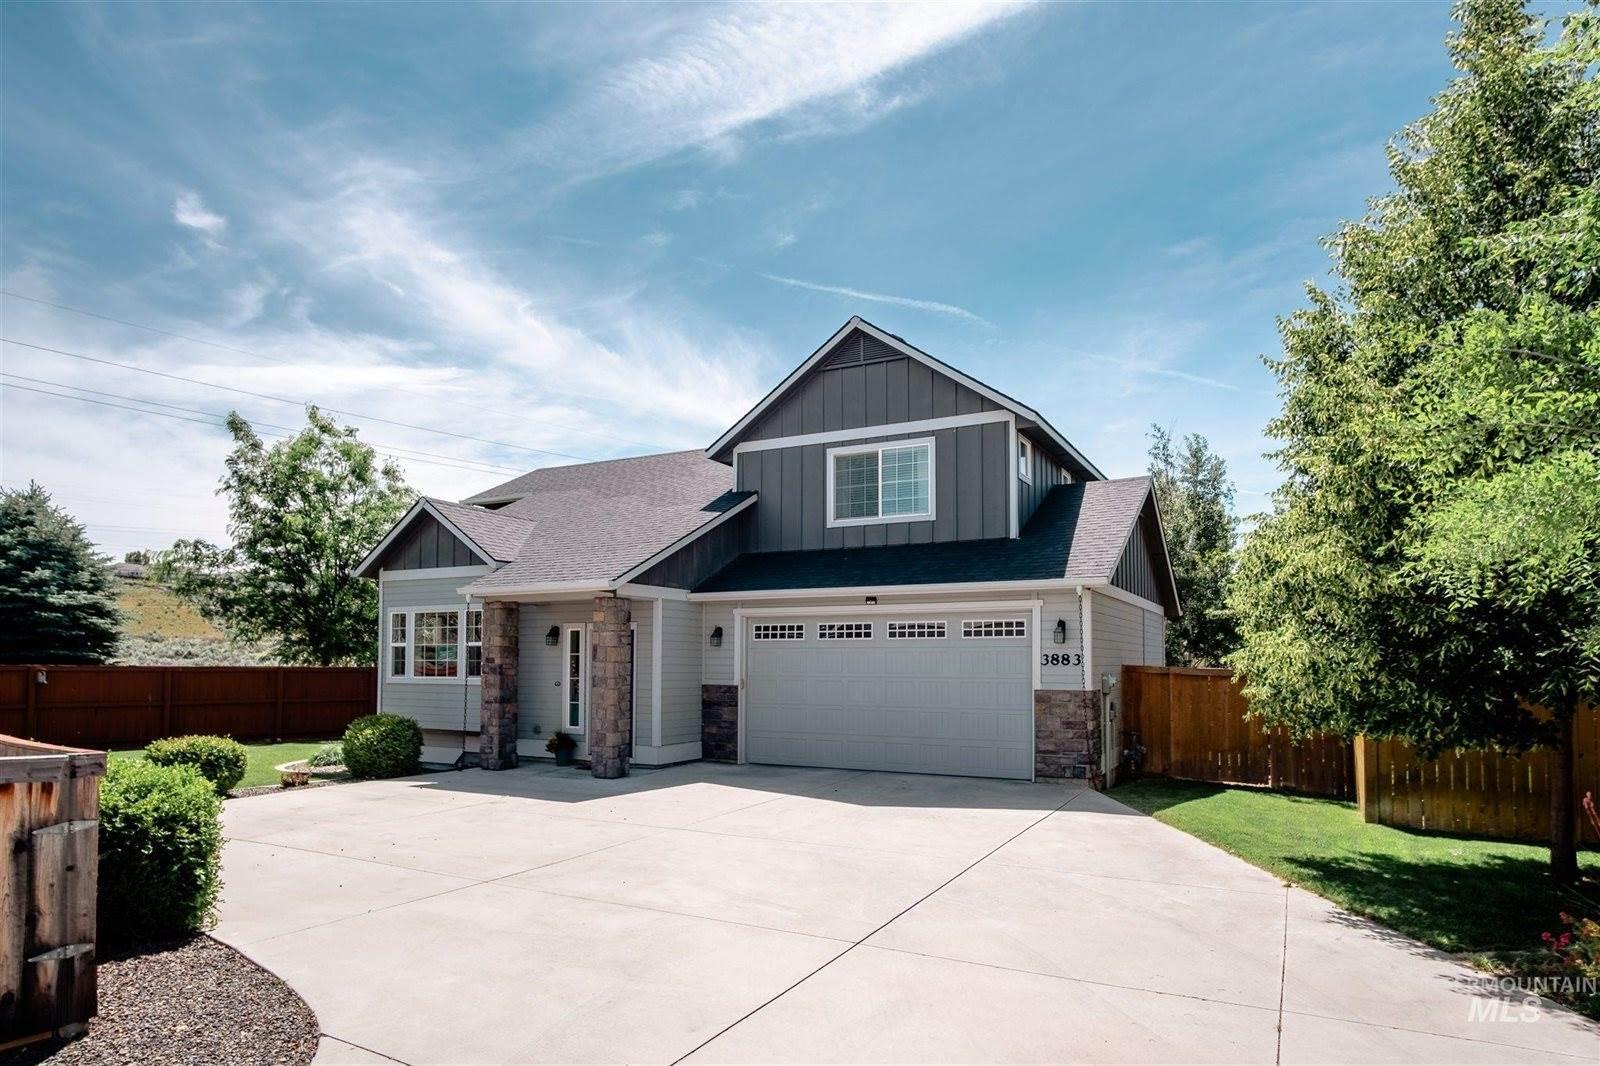 3883 E Helix St, Boise, ID 83716